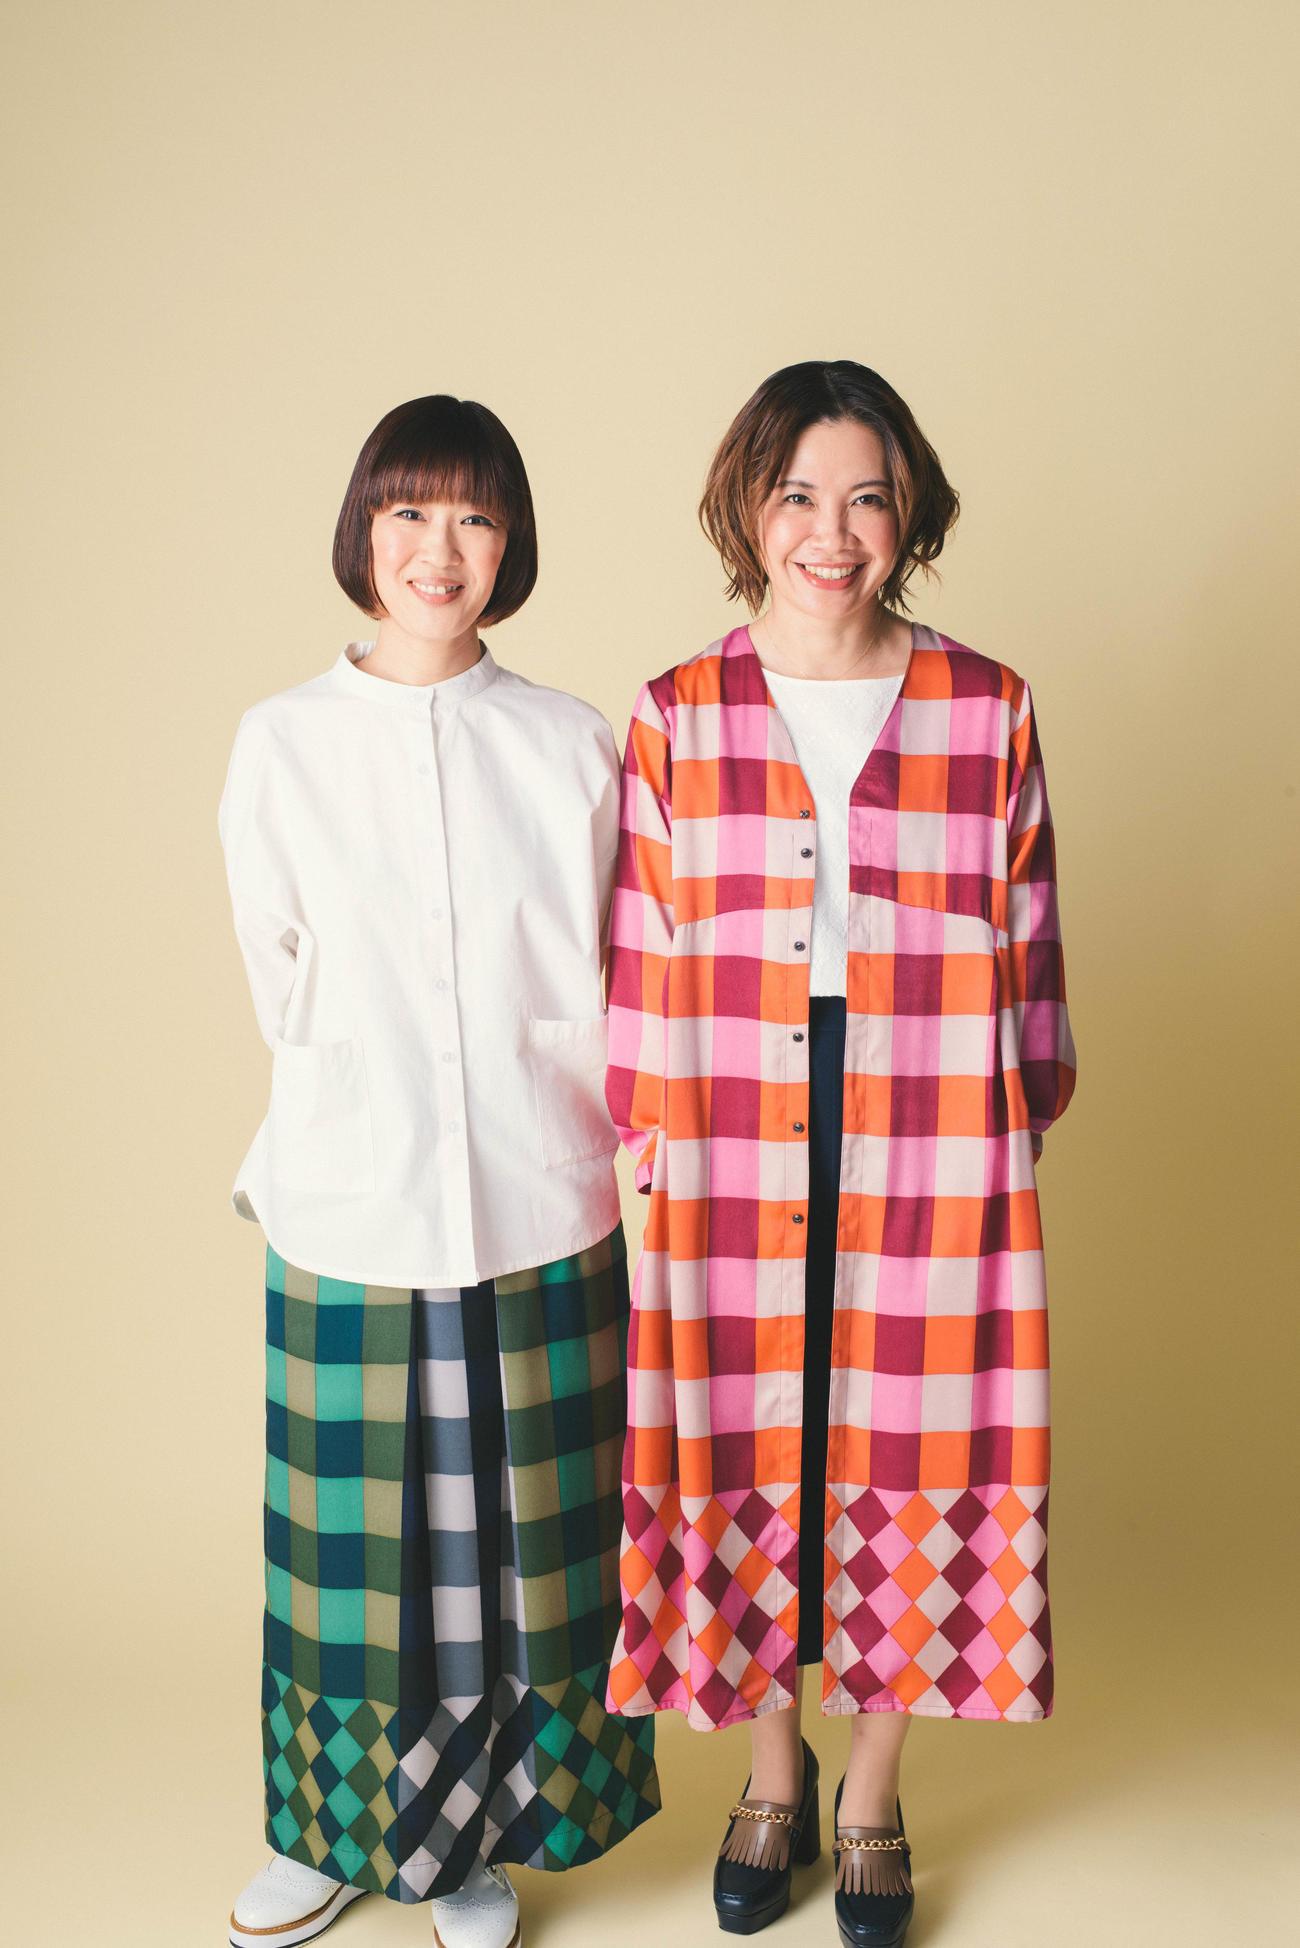 デビュー20周年記念日に無観客配信ライブの開催を発表した花*花